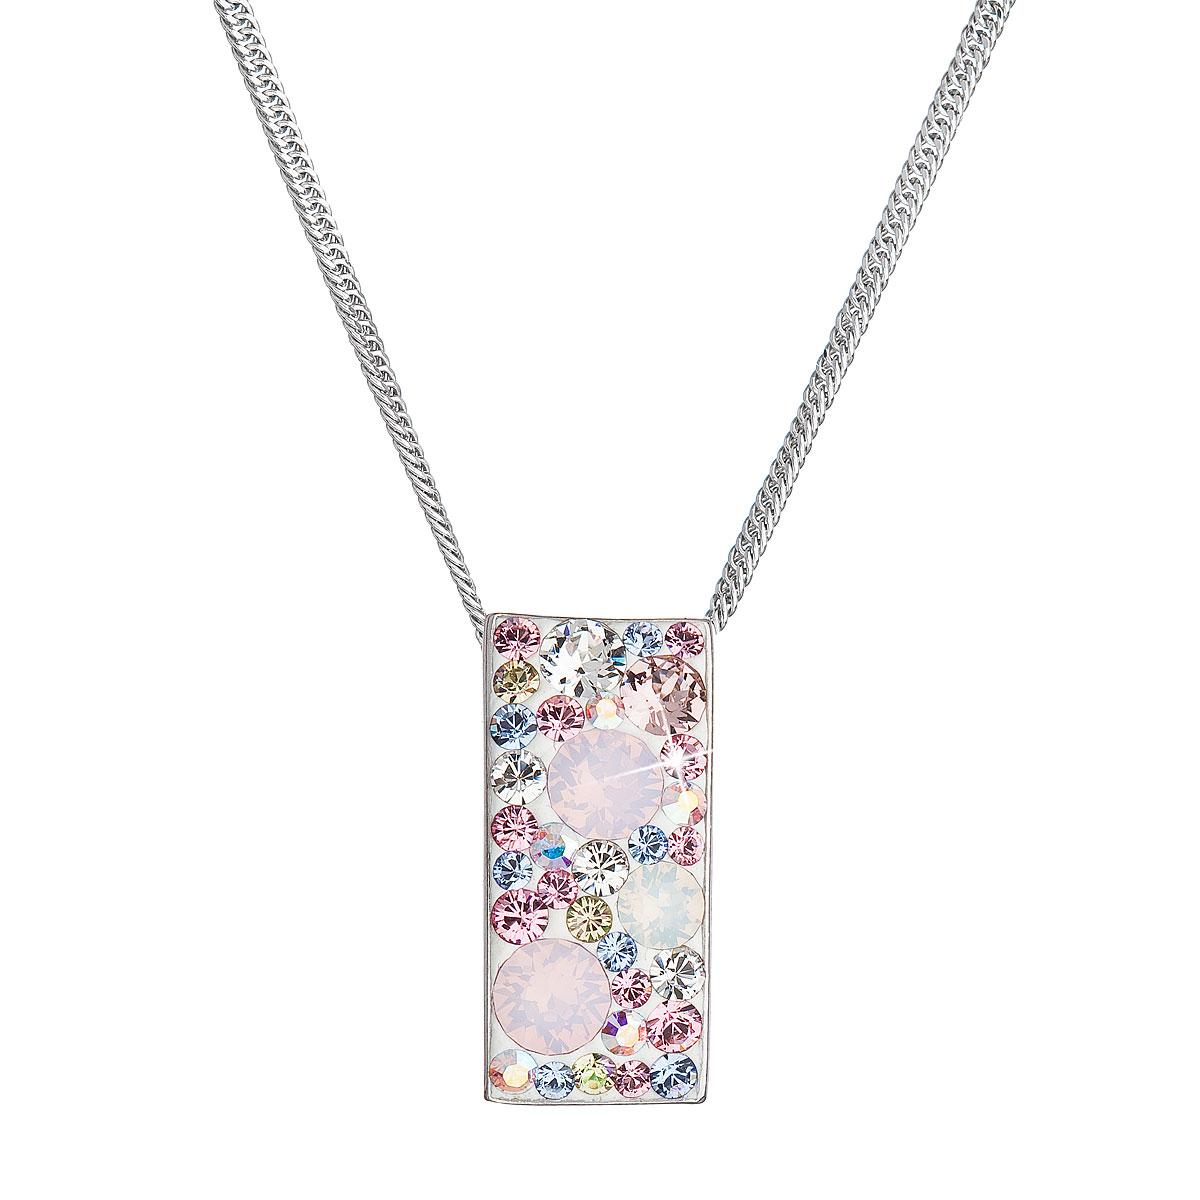 Evolution Group Stříbrný náhrdelník se Swarovski krystaly růžový obdélník 32074.3 magic rose